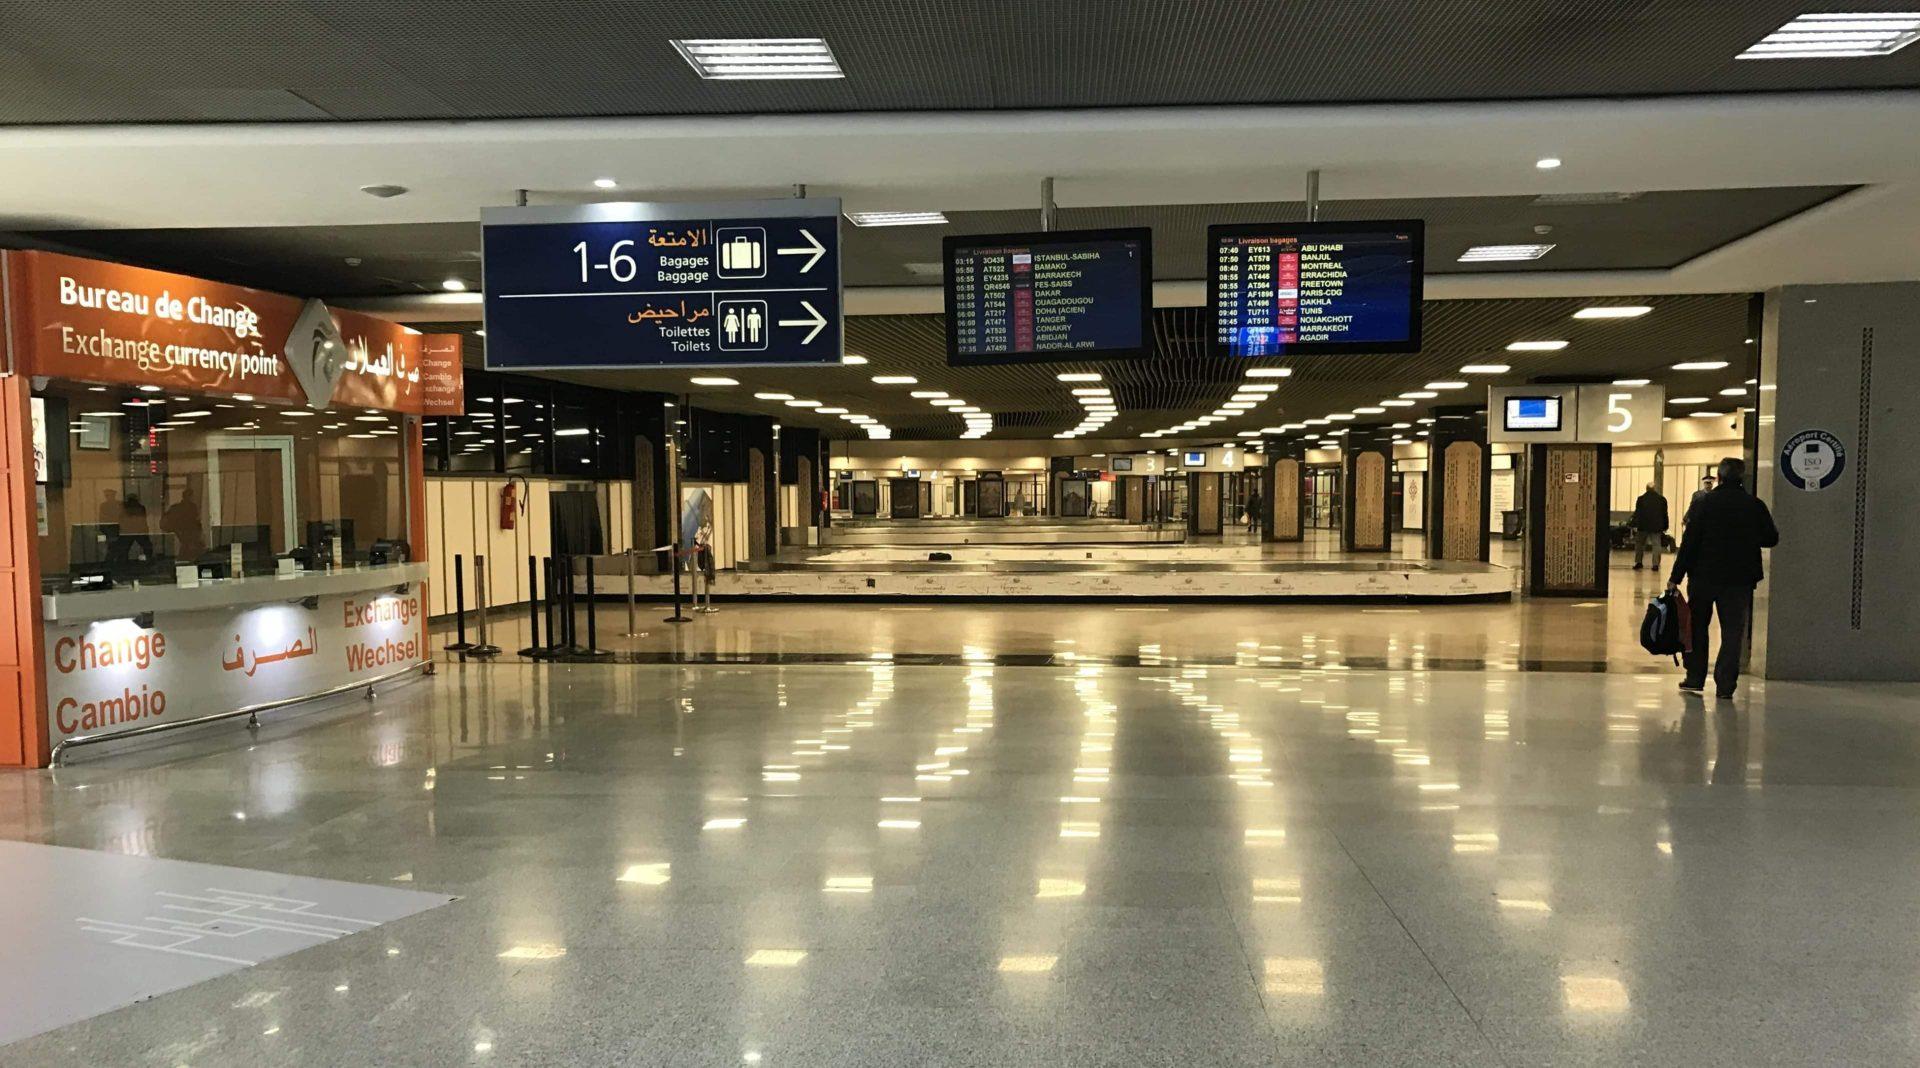 المغرب يفاجئ 13 دولة بقرار مهم بشأن الرحلات الجوية بعد تفشي كورونا